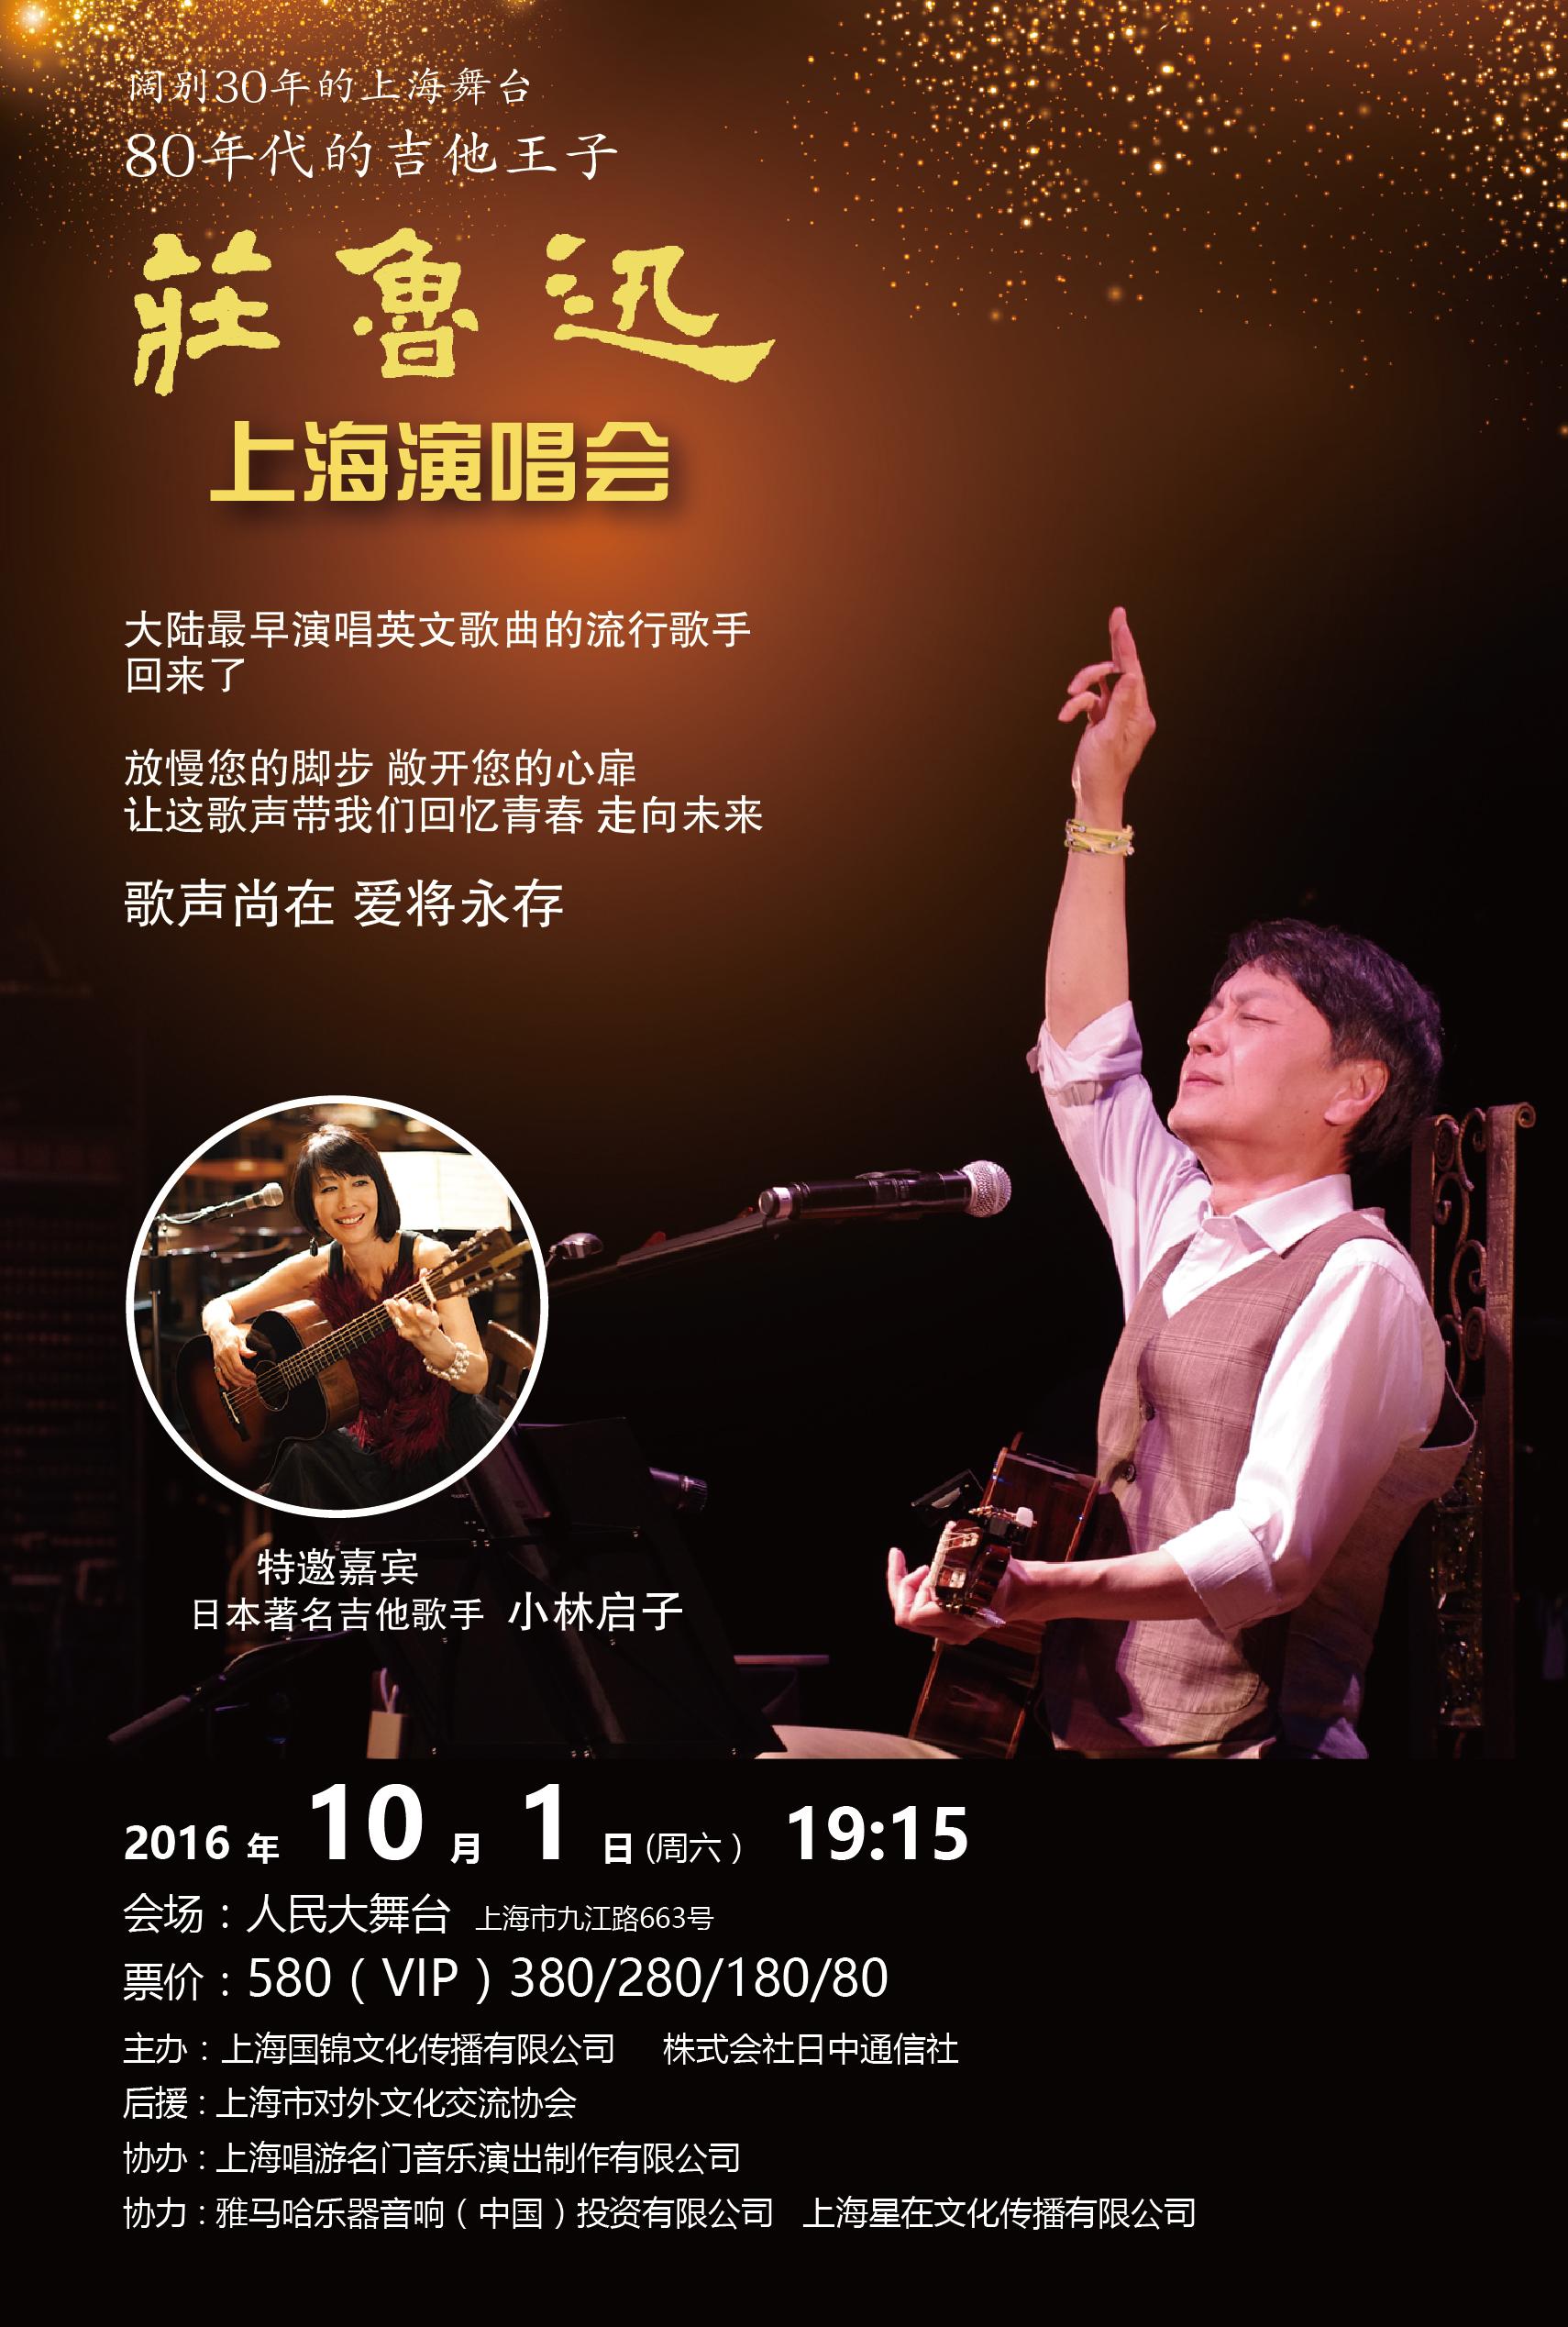 2016/10/1@荘魯迅コンサート in 上海